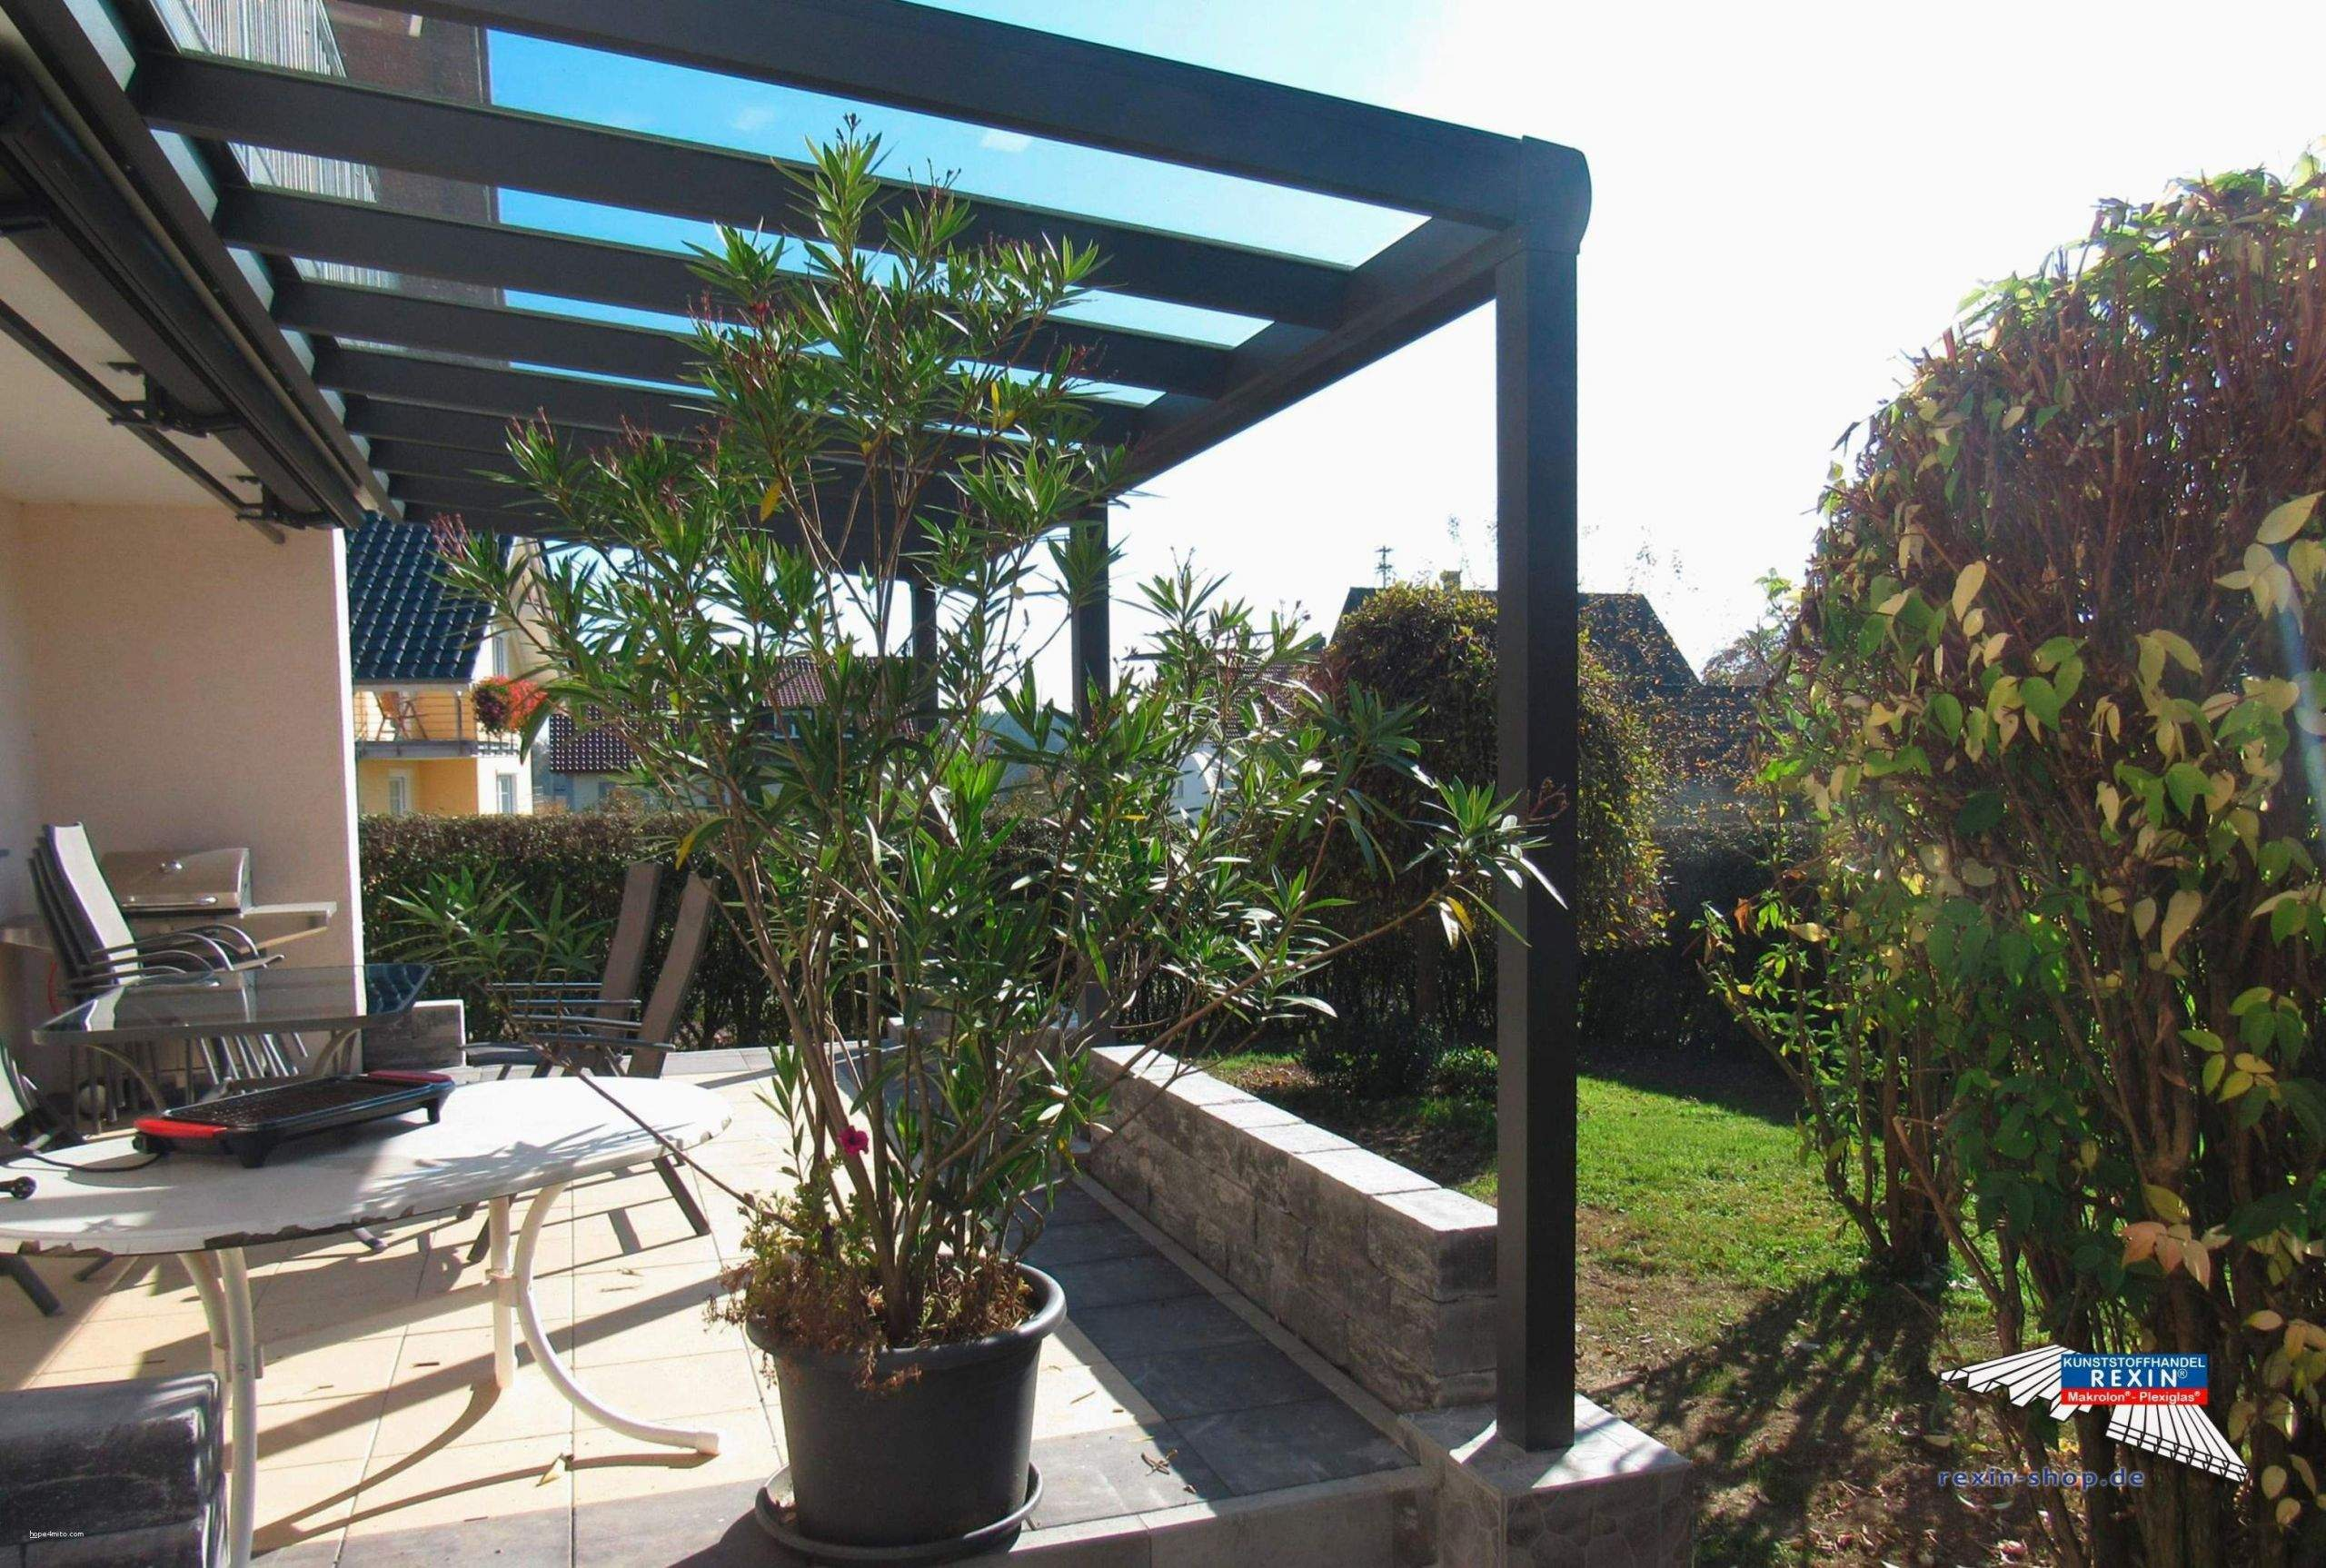 mediterranes wohnzimmer inspirierend super wohnzimmer mediterran tbpmindset schon mediterrane of mediterranes wohnzimmer scaled